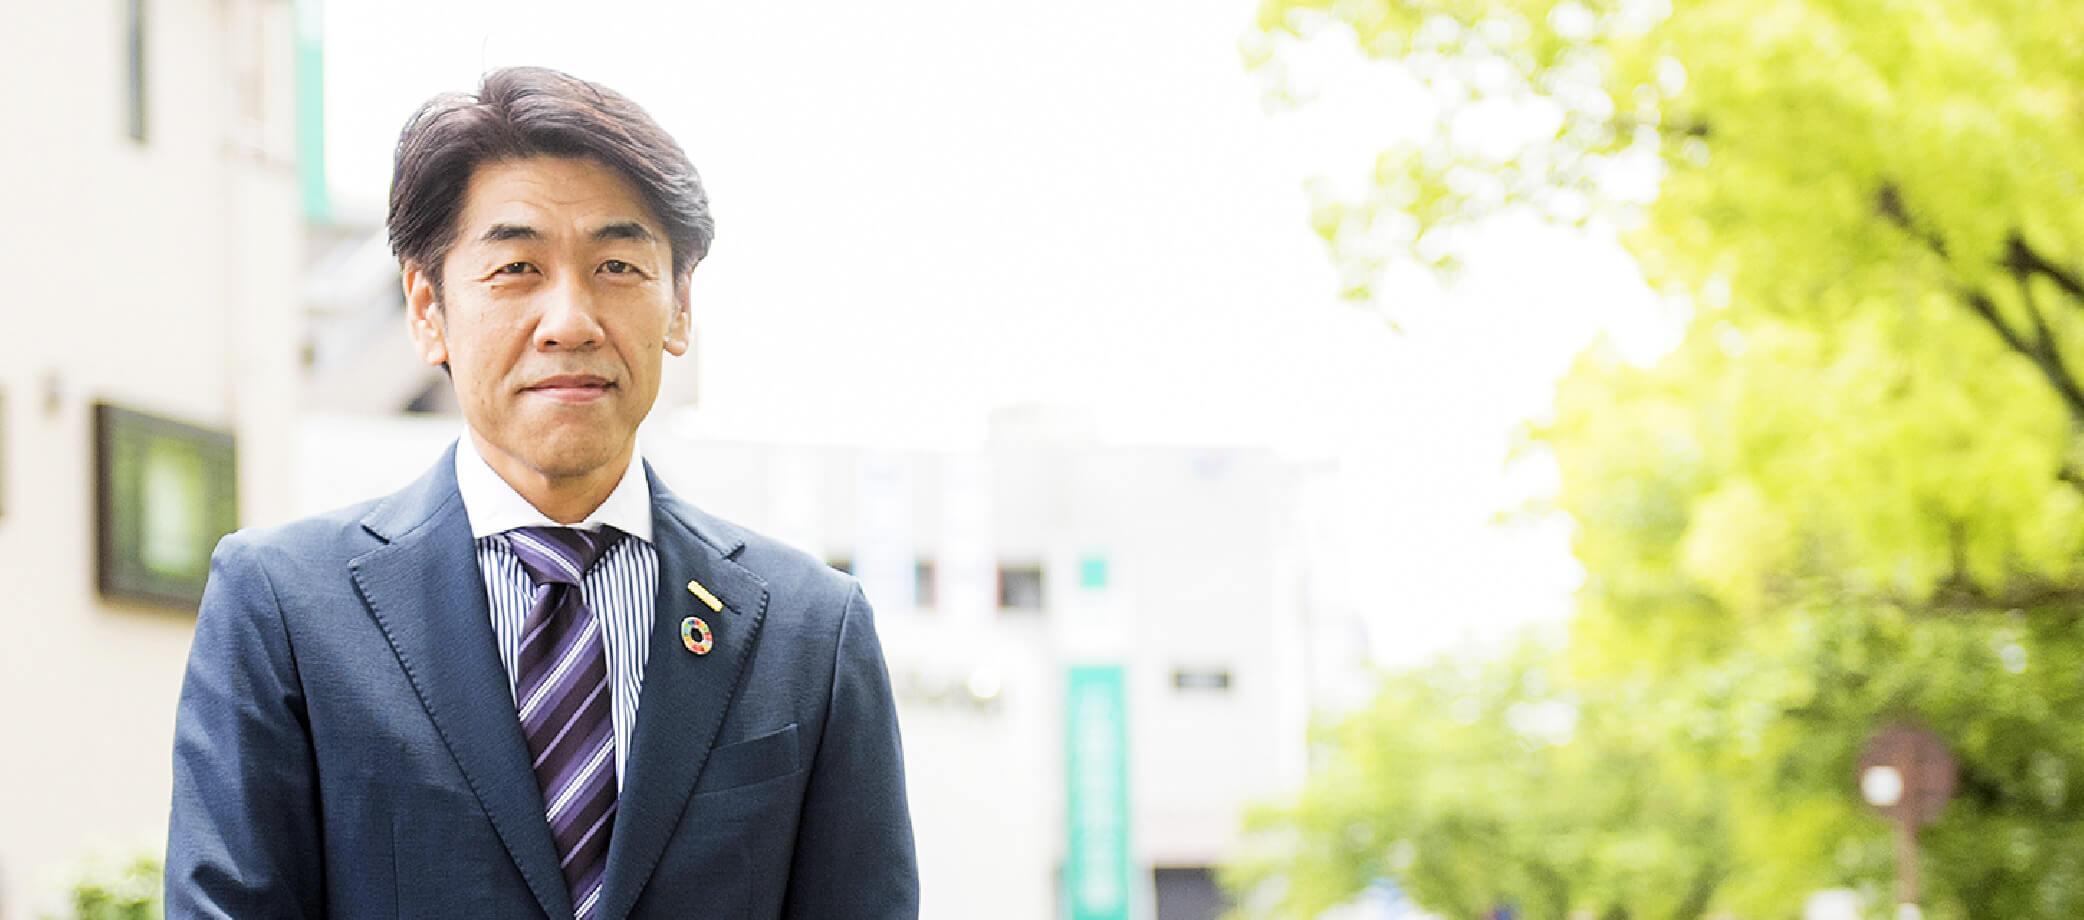 ザメディアジョングループ代表取締役会長前田 政登己さんが微笑んでいる写真